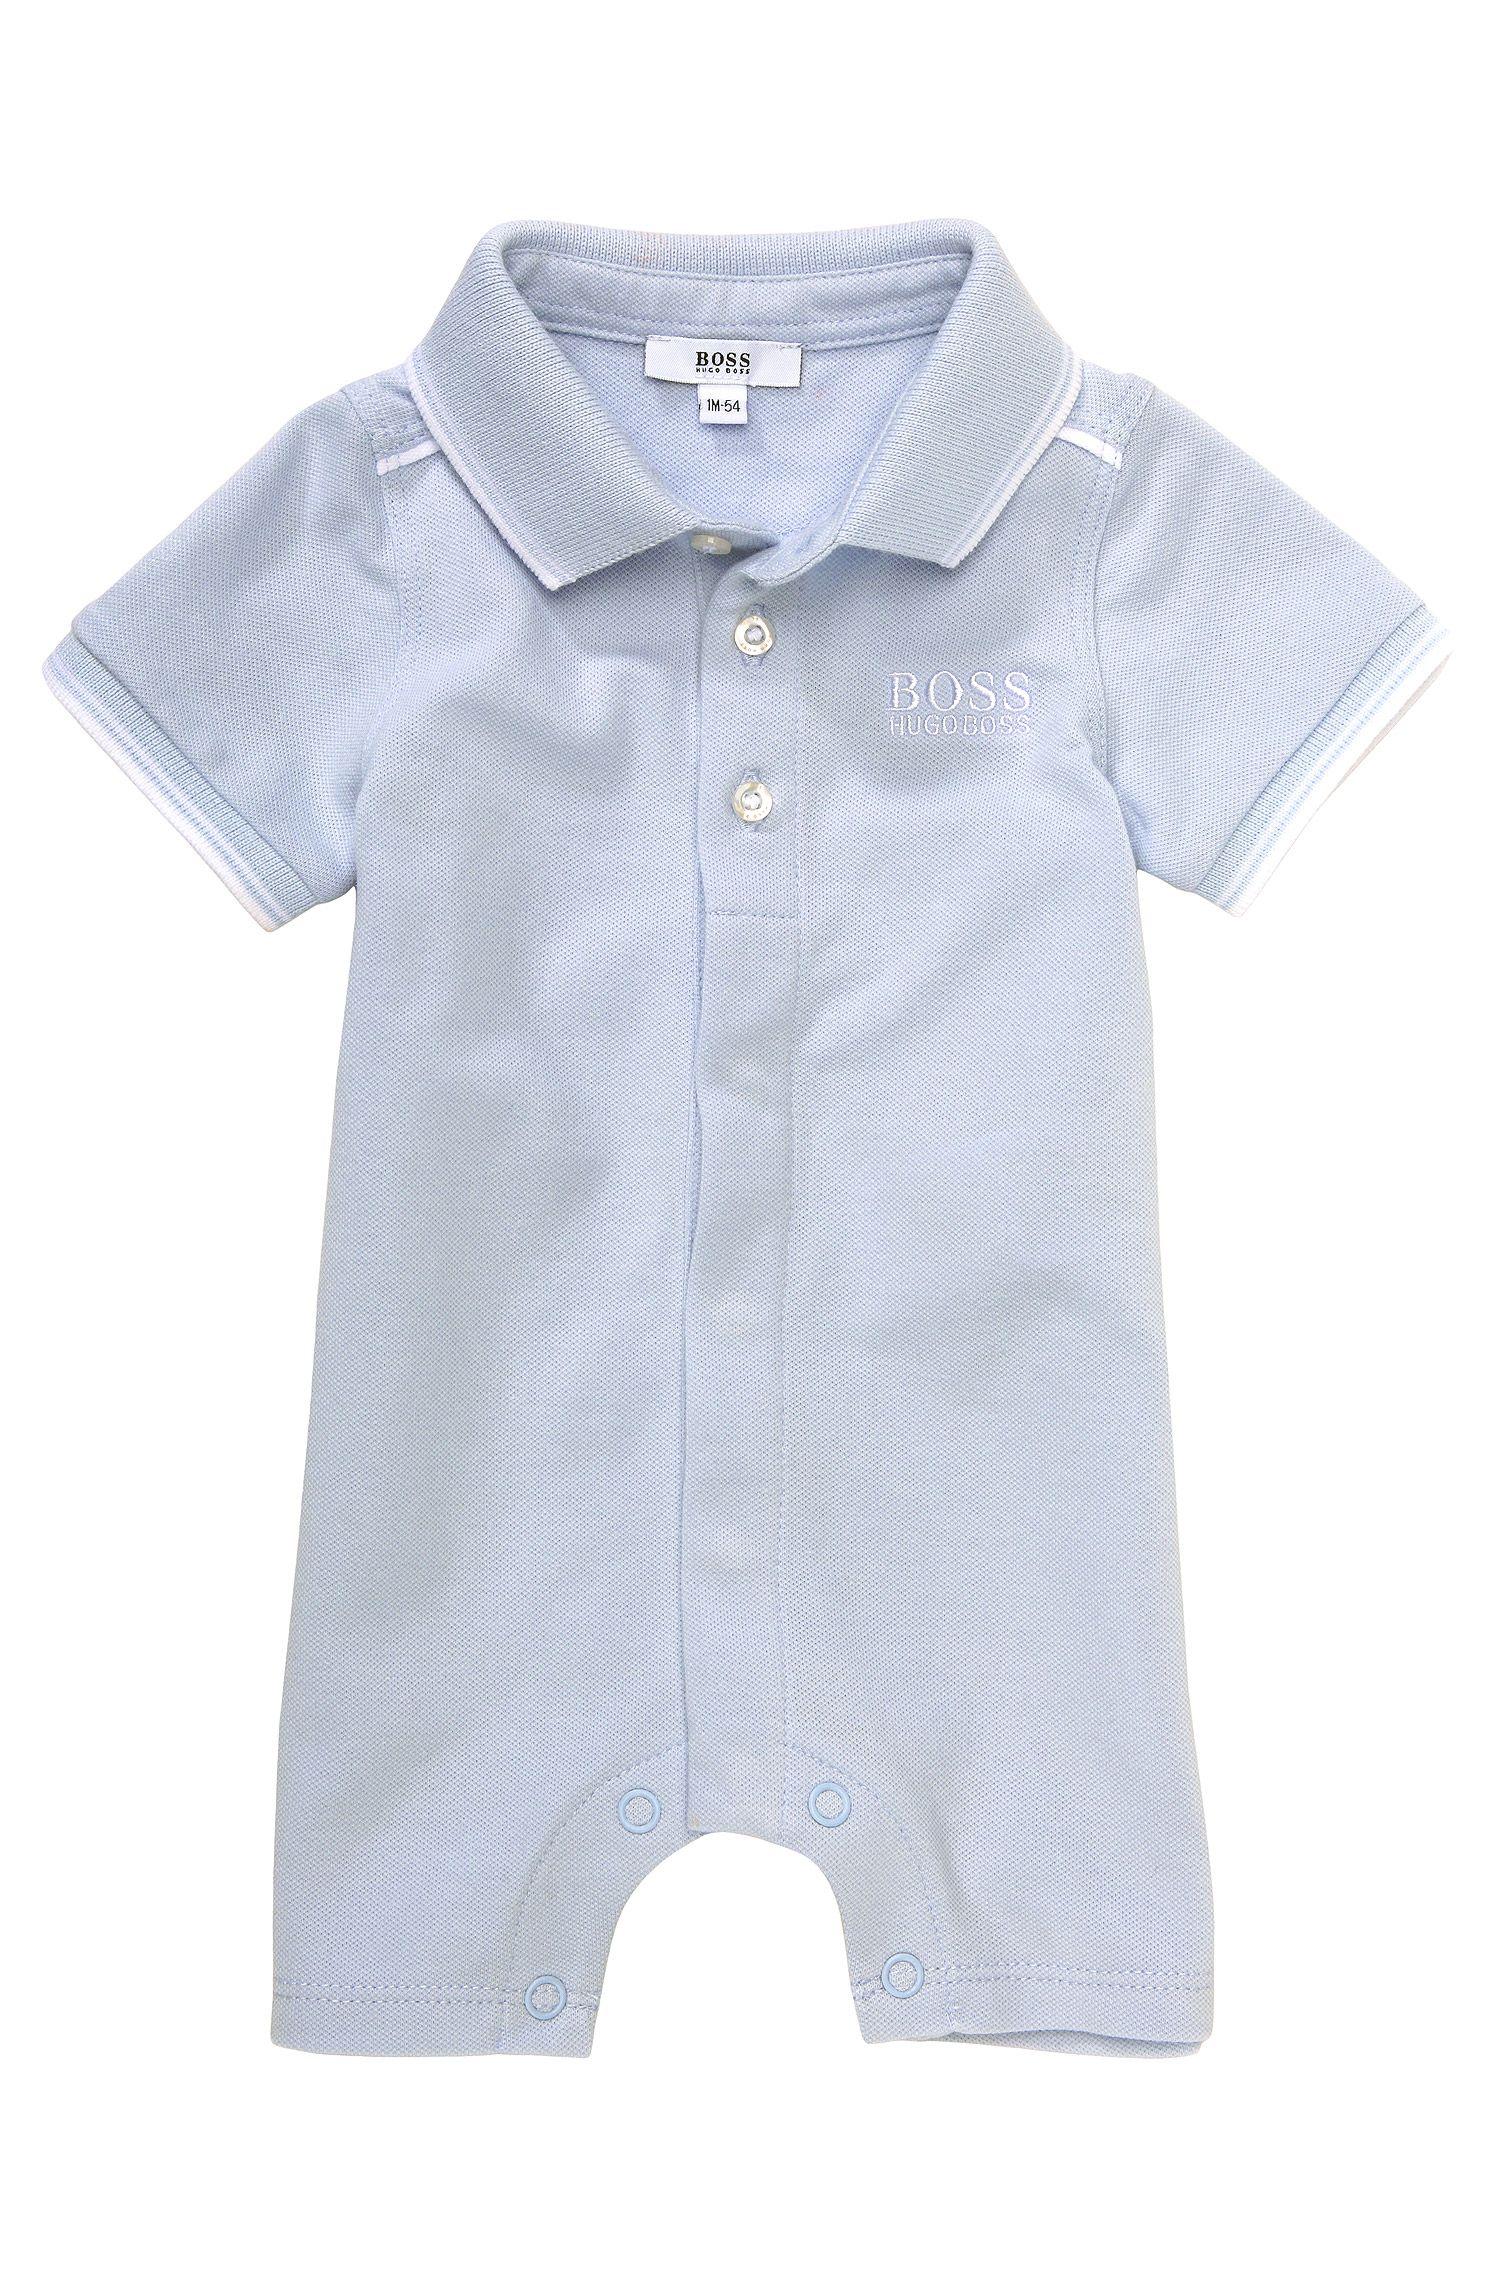 Body pour enfant «J94106» en coton mélangé